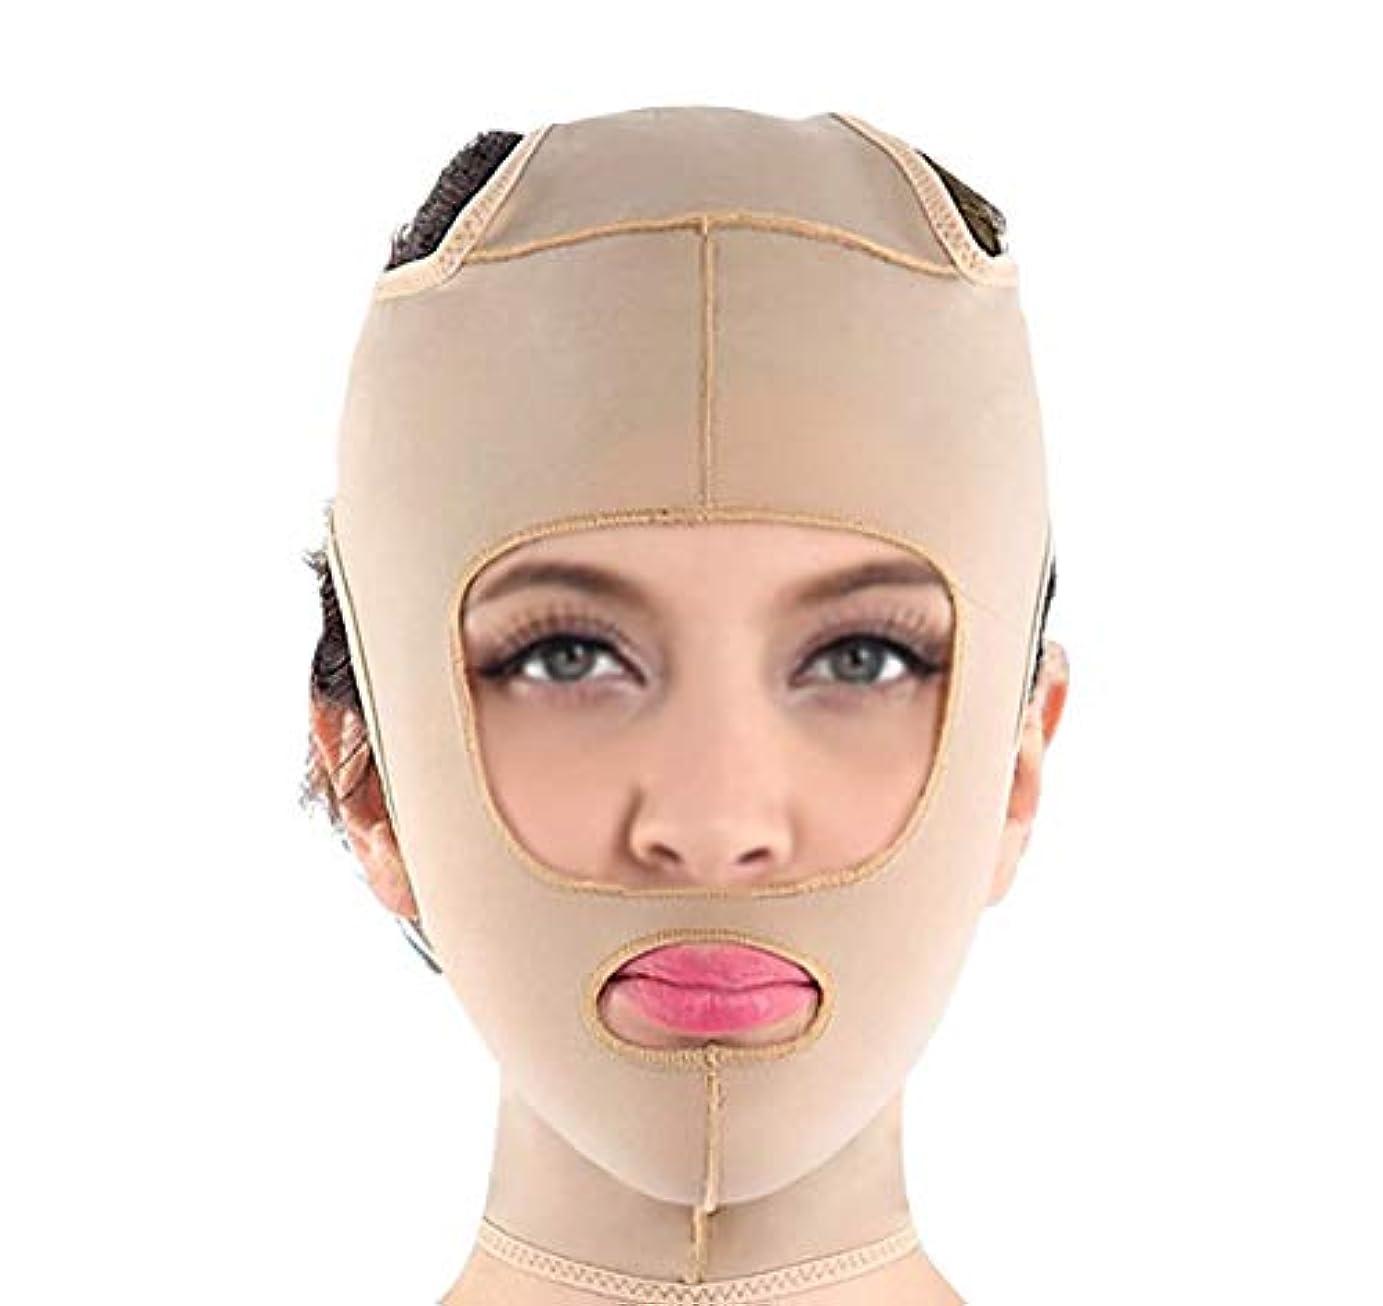 生産性相談するネイティブ包帯vフェイス楽器フェイスマスクマジックフェイスフェイシャルフェイシャルフェイシャルマッサージフェイシャルリンクルリフティング引き締めビニールマスク(サイズ:L),L